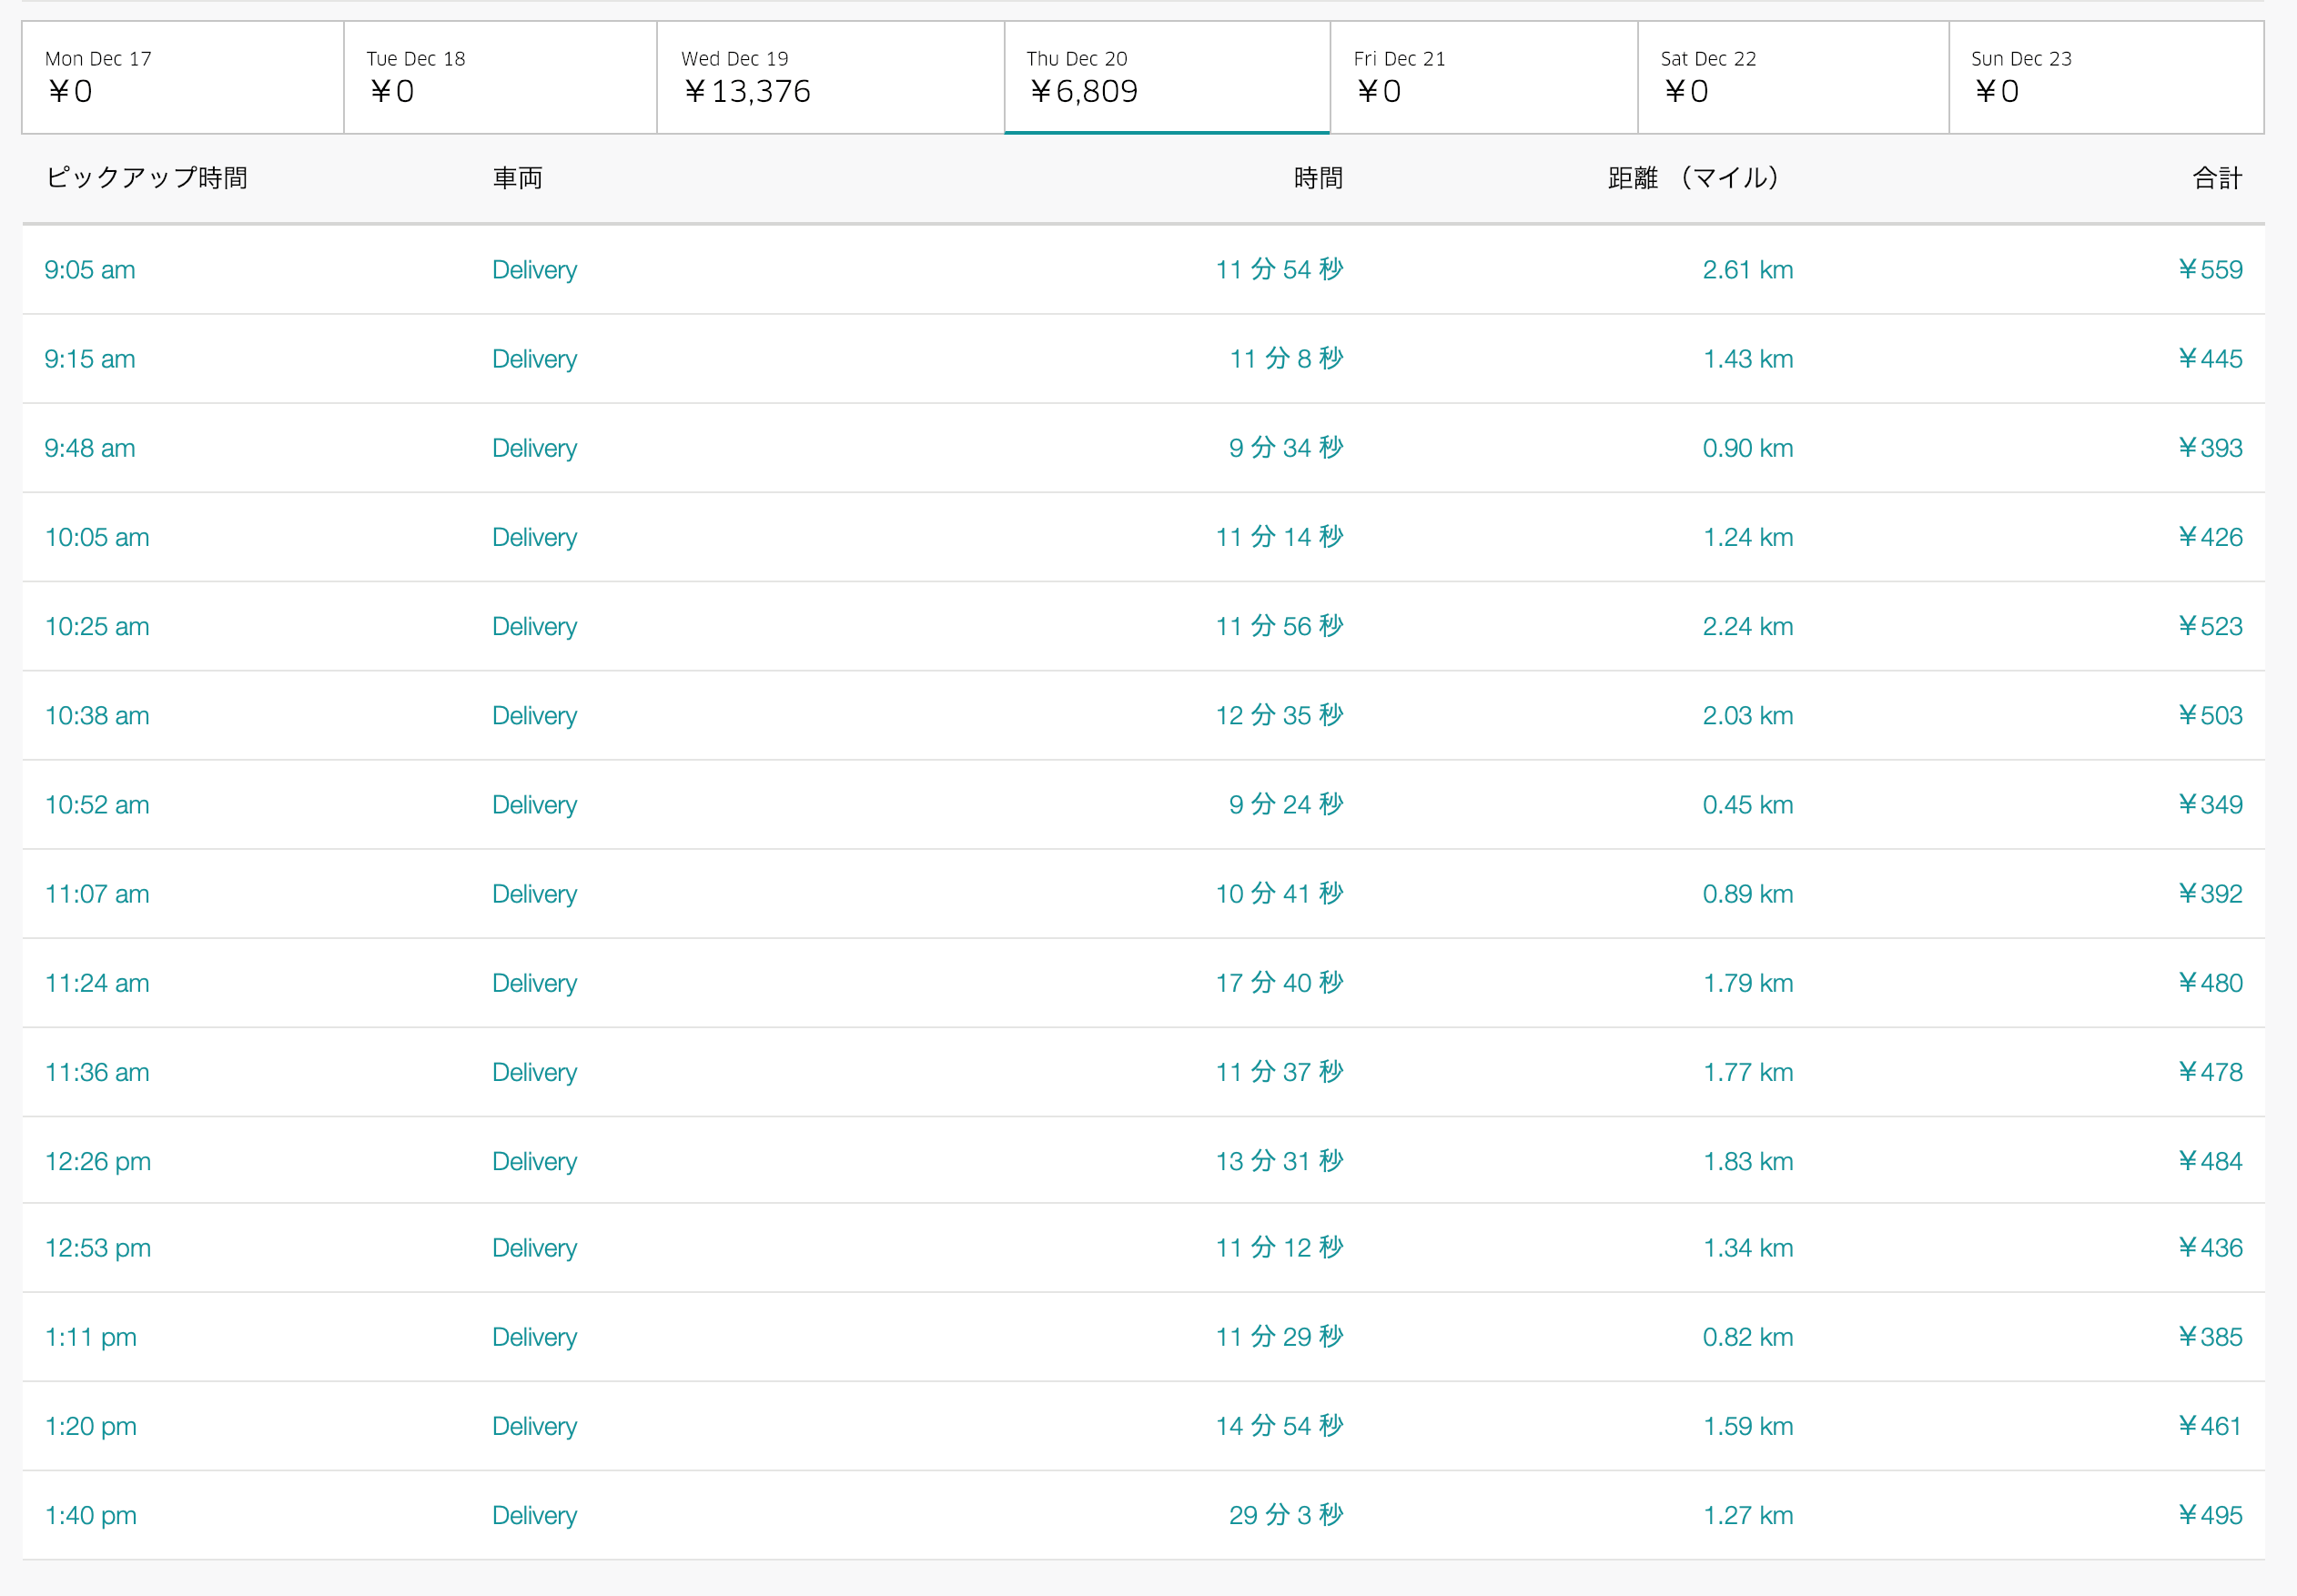 Uber Eats12月20日の配達数字